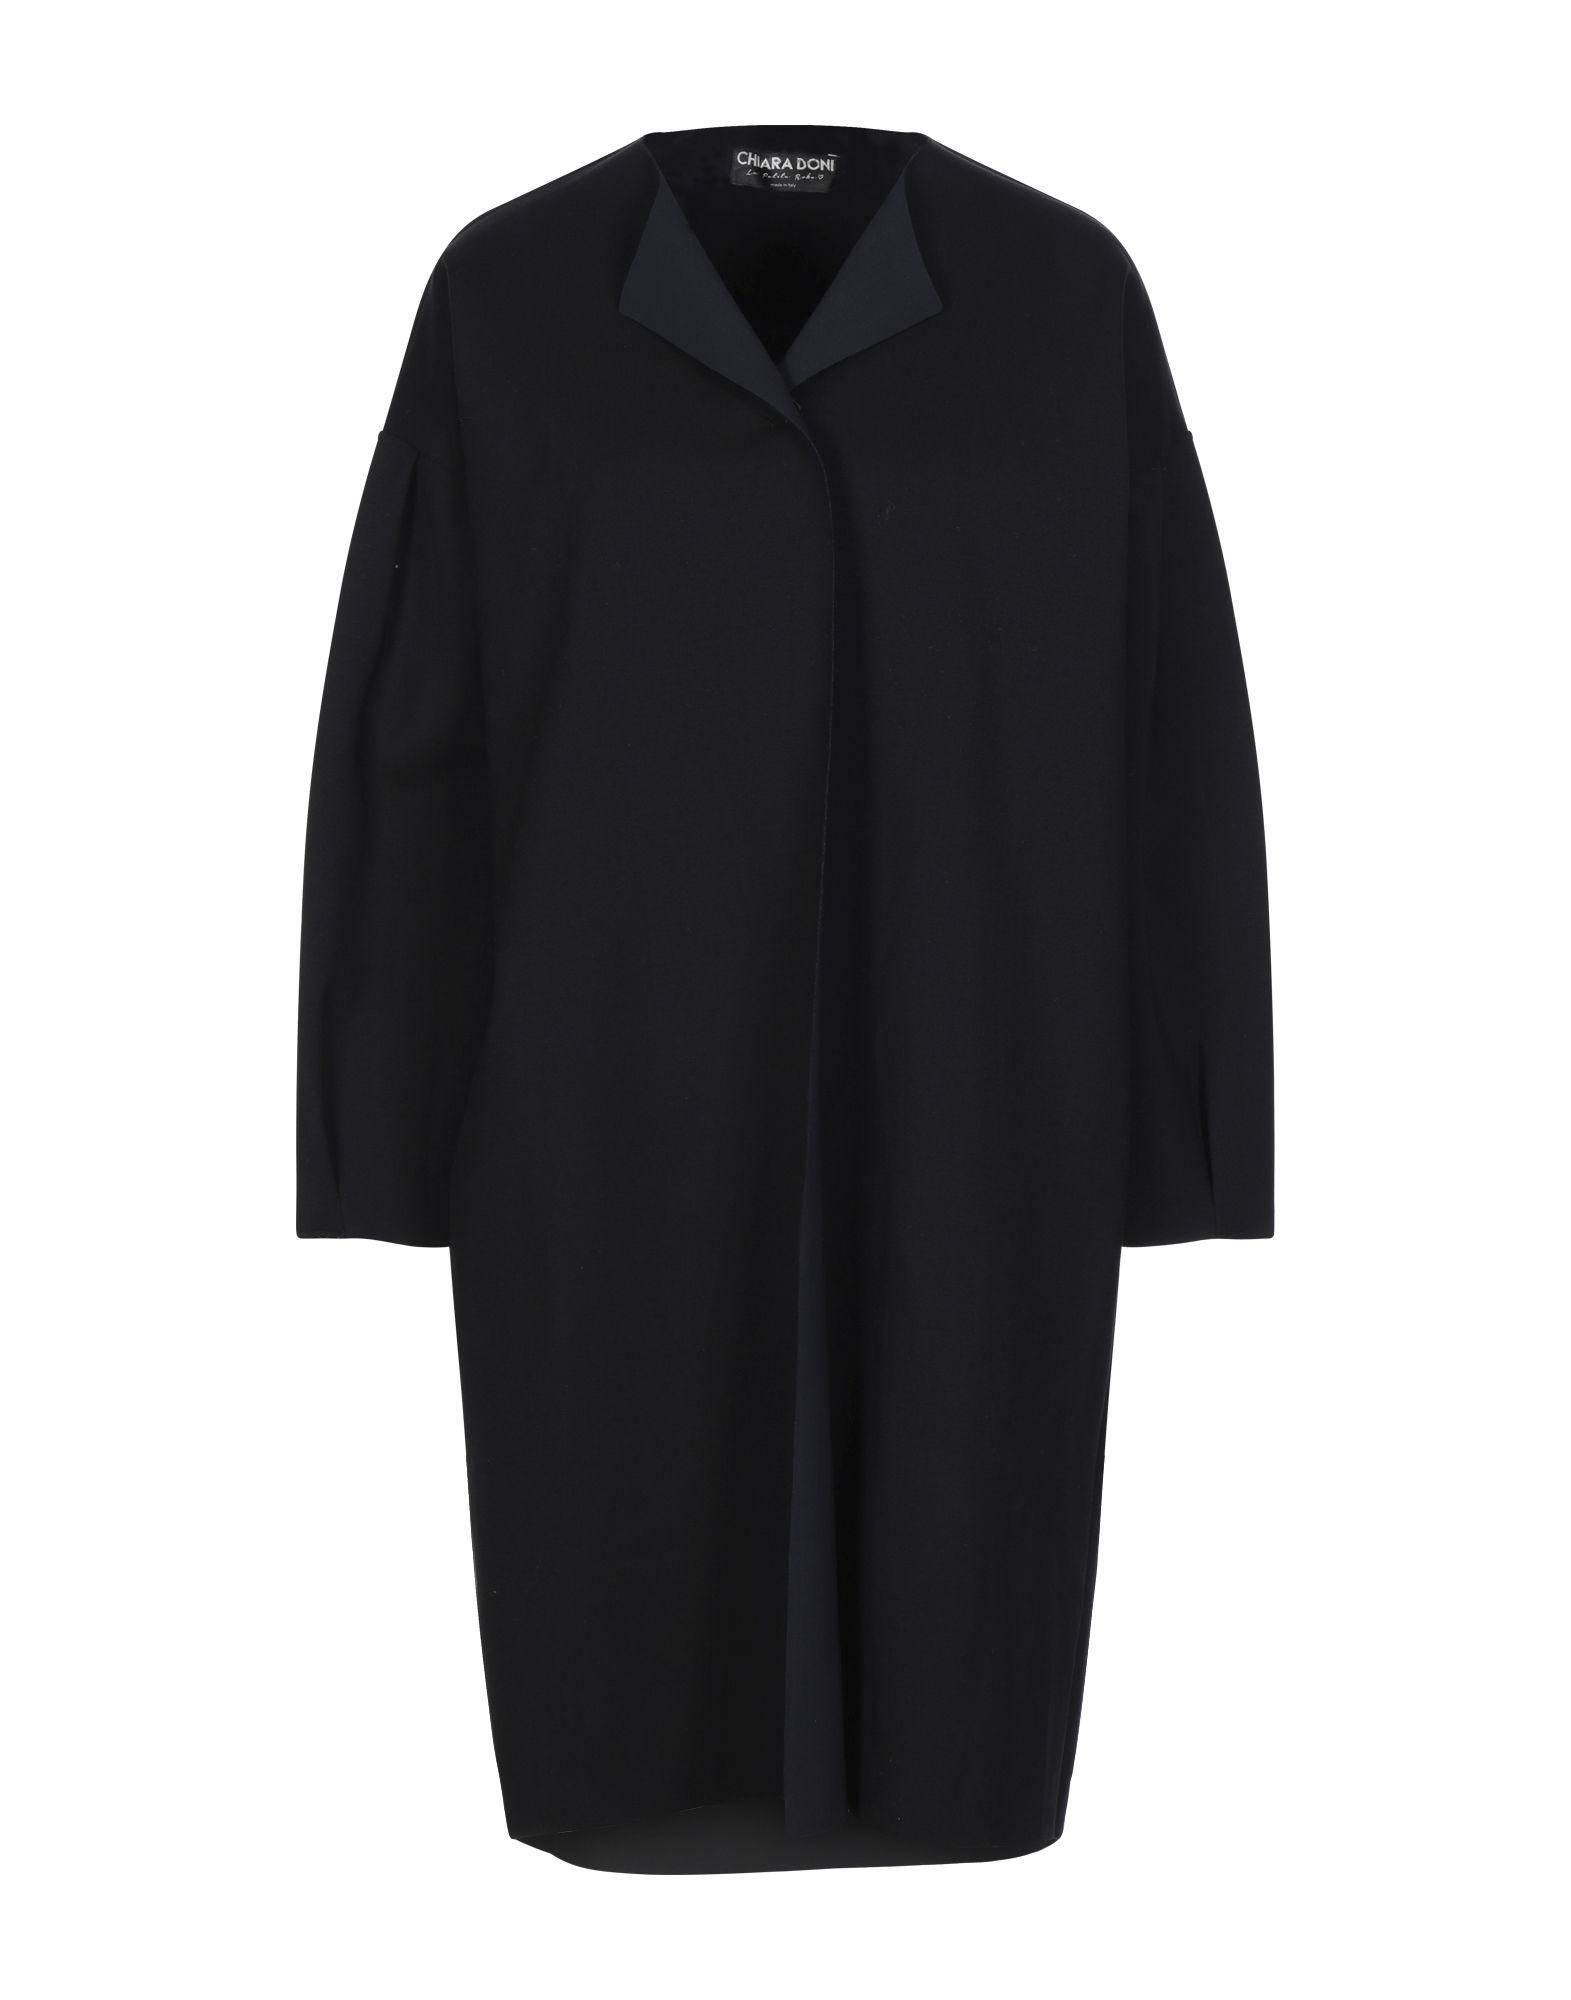 CHIARA BONI LA PETITE ROBE Легкое пальто